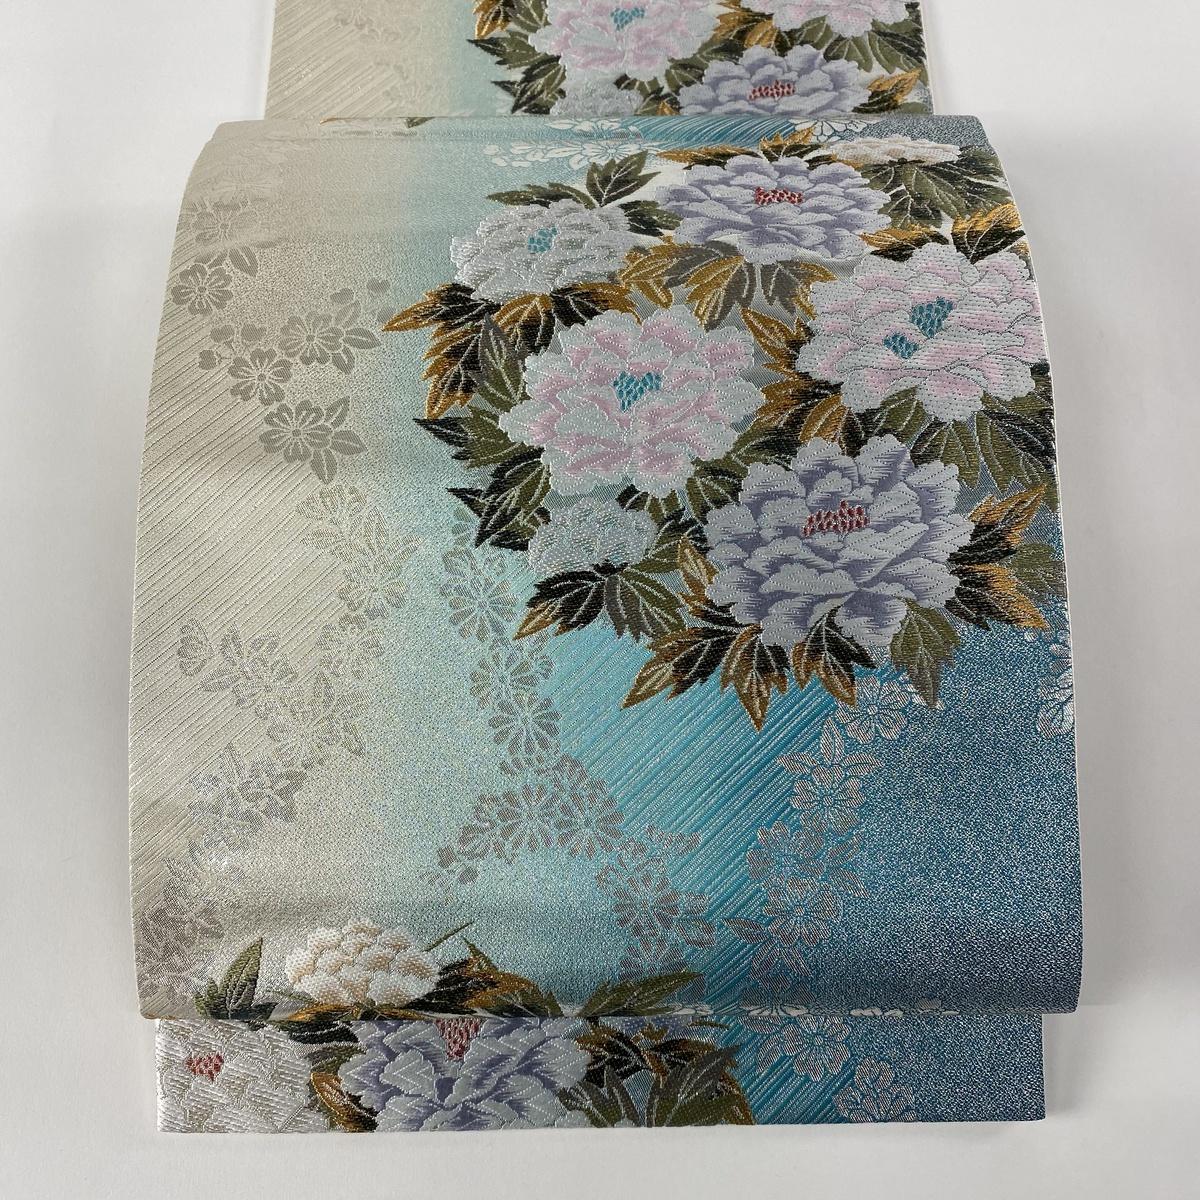 袋帯 美品 秀品 牡丹 草花 唐織 箔 青緑 六通 正絹 :バイセルオンライン 店